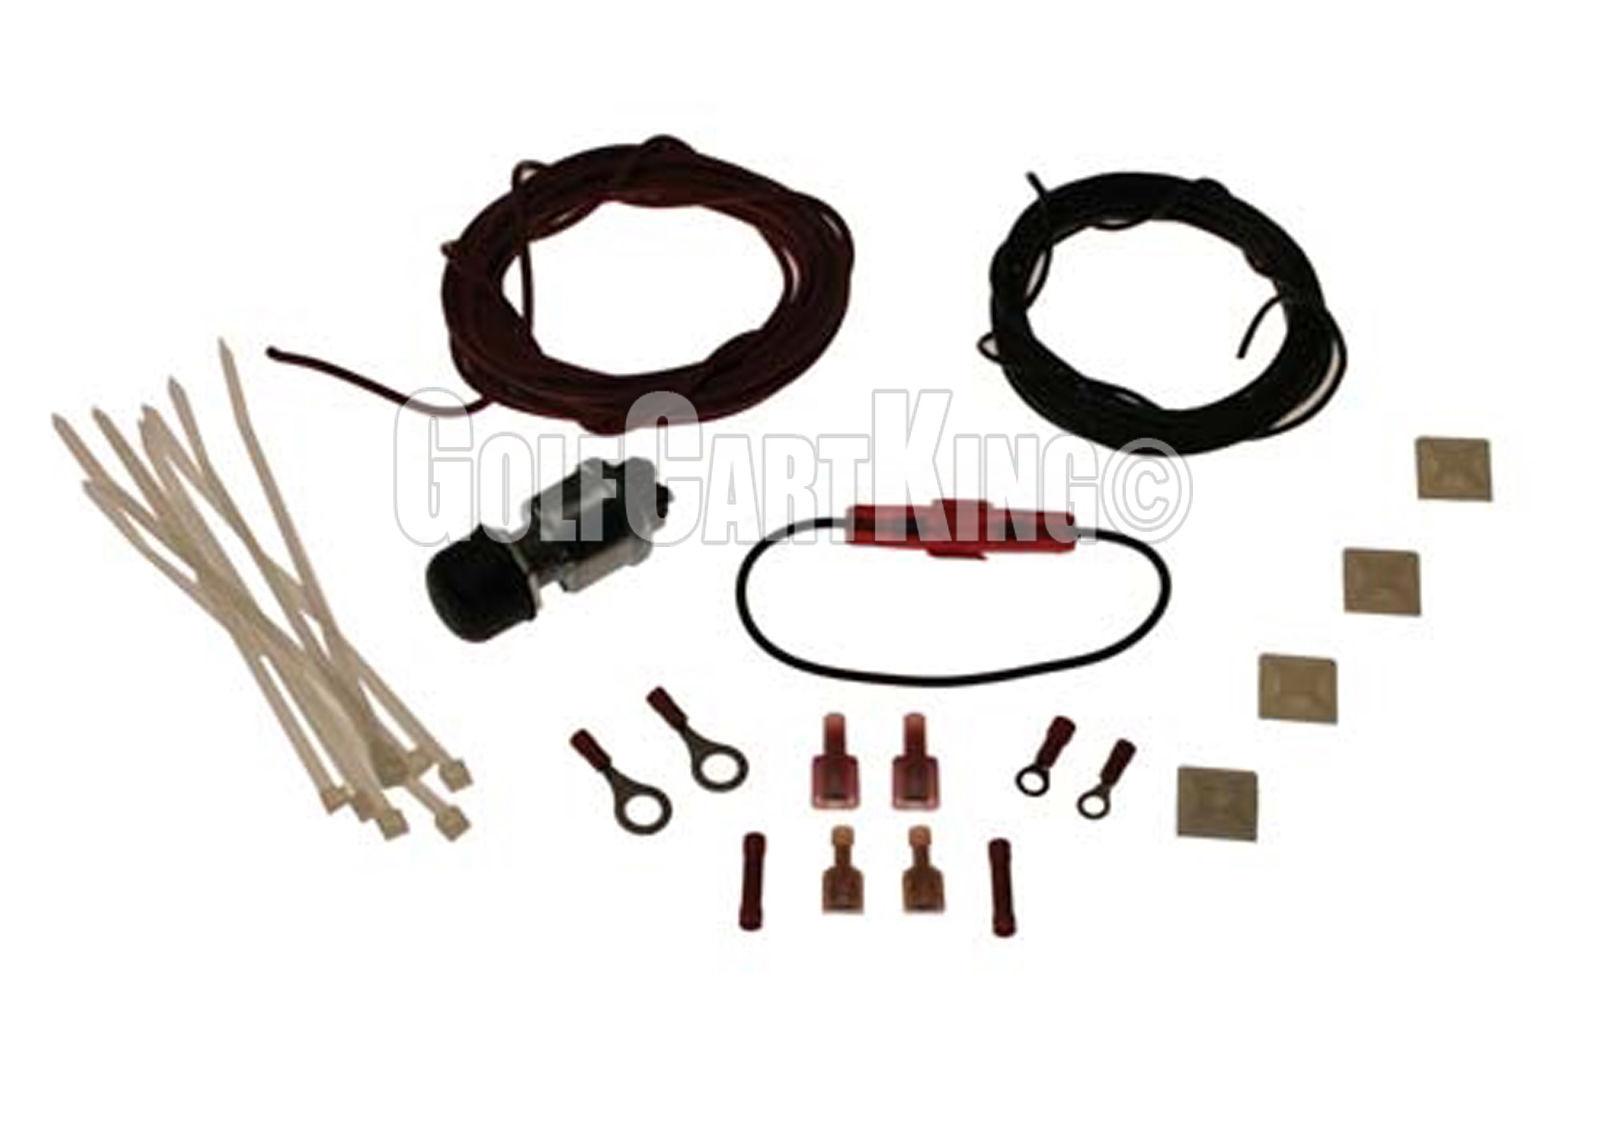 hight resolution of brake light kit for e z go g e 94 up yamaha g2 up